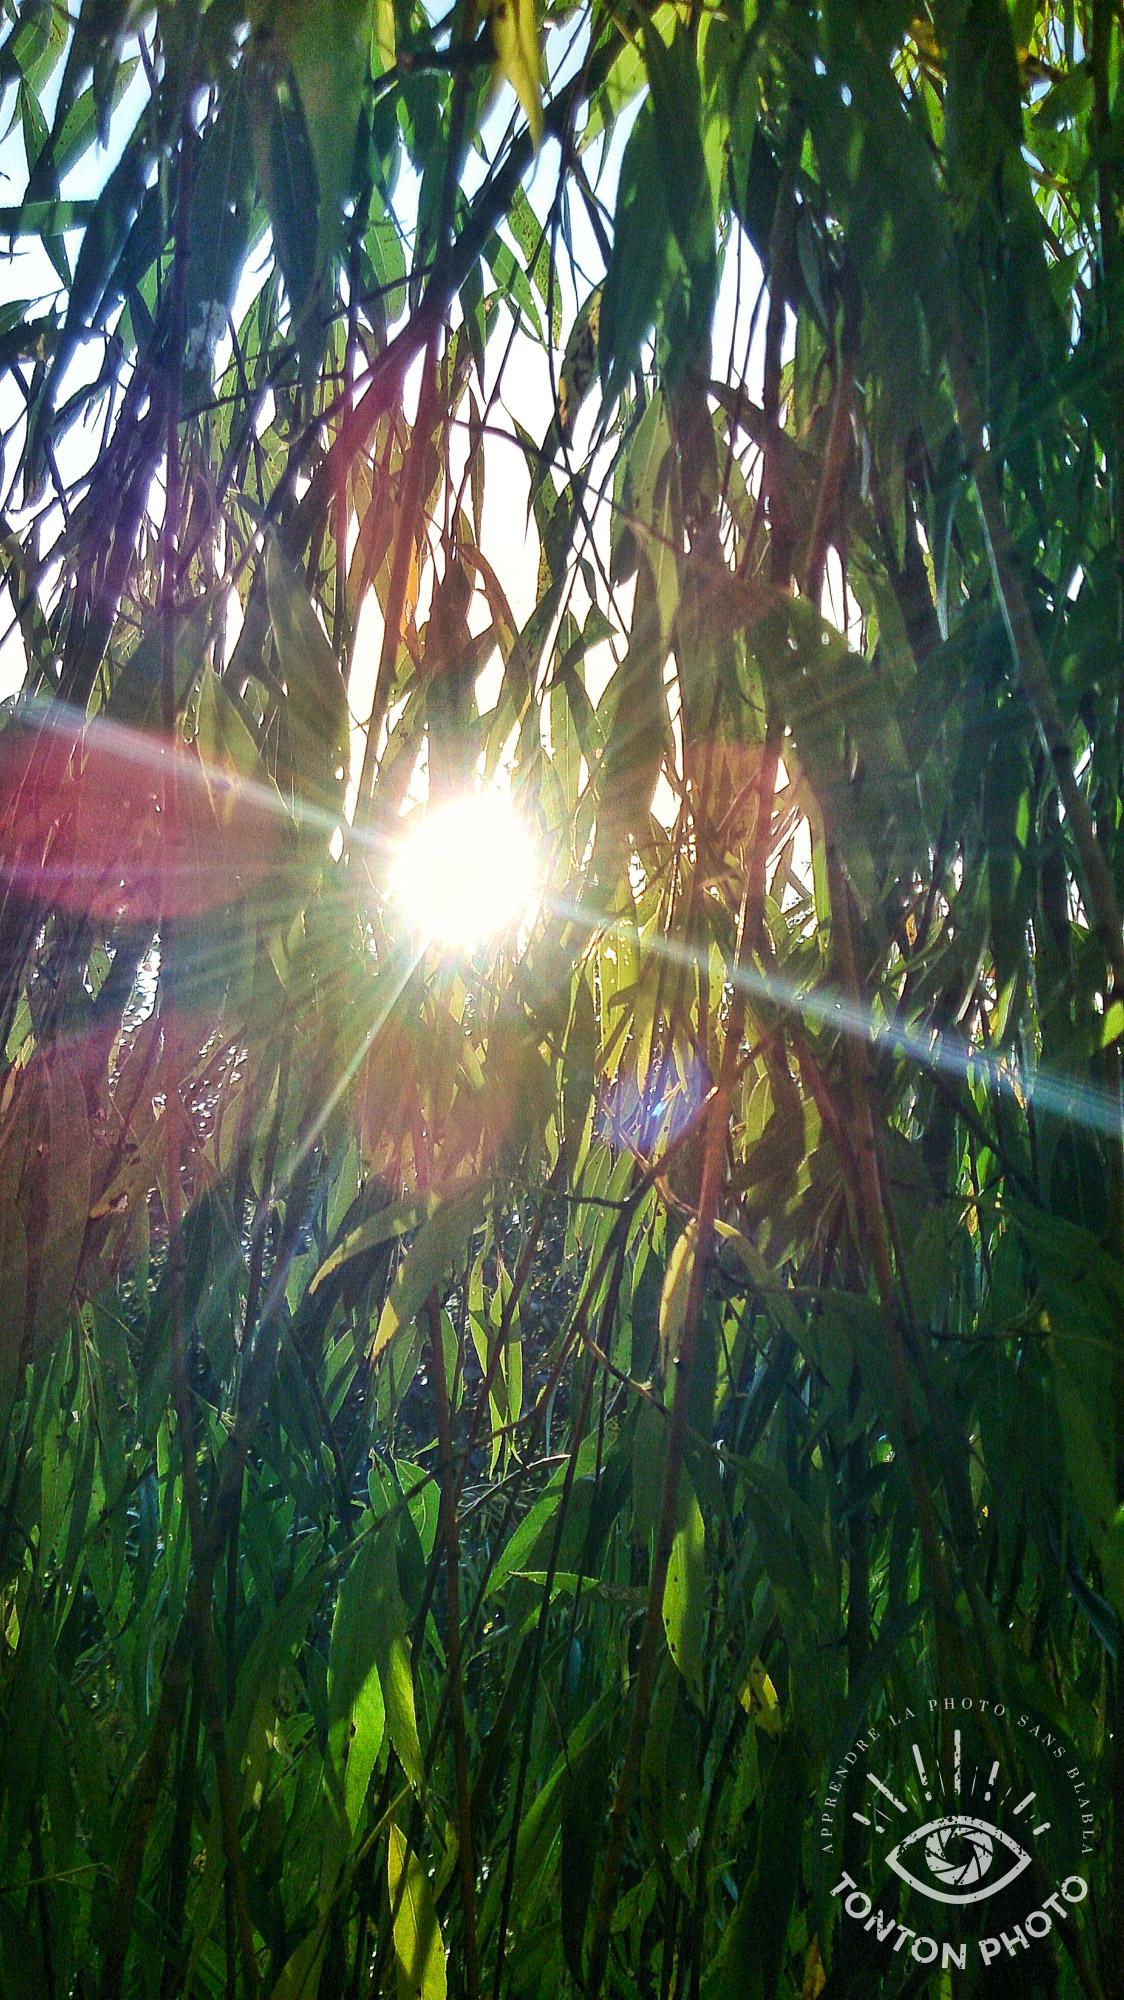 Soleil  caché derrière les branches d'un saule pleureur. Photo prise avec mon smartphone, sur lequel l'ouverture est fixe. Cela n'empêche pas de s'amuser avec les rayons du soleil pour donner du style et du dynamisme à nos images ! © Tonton Photo